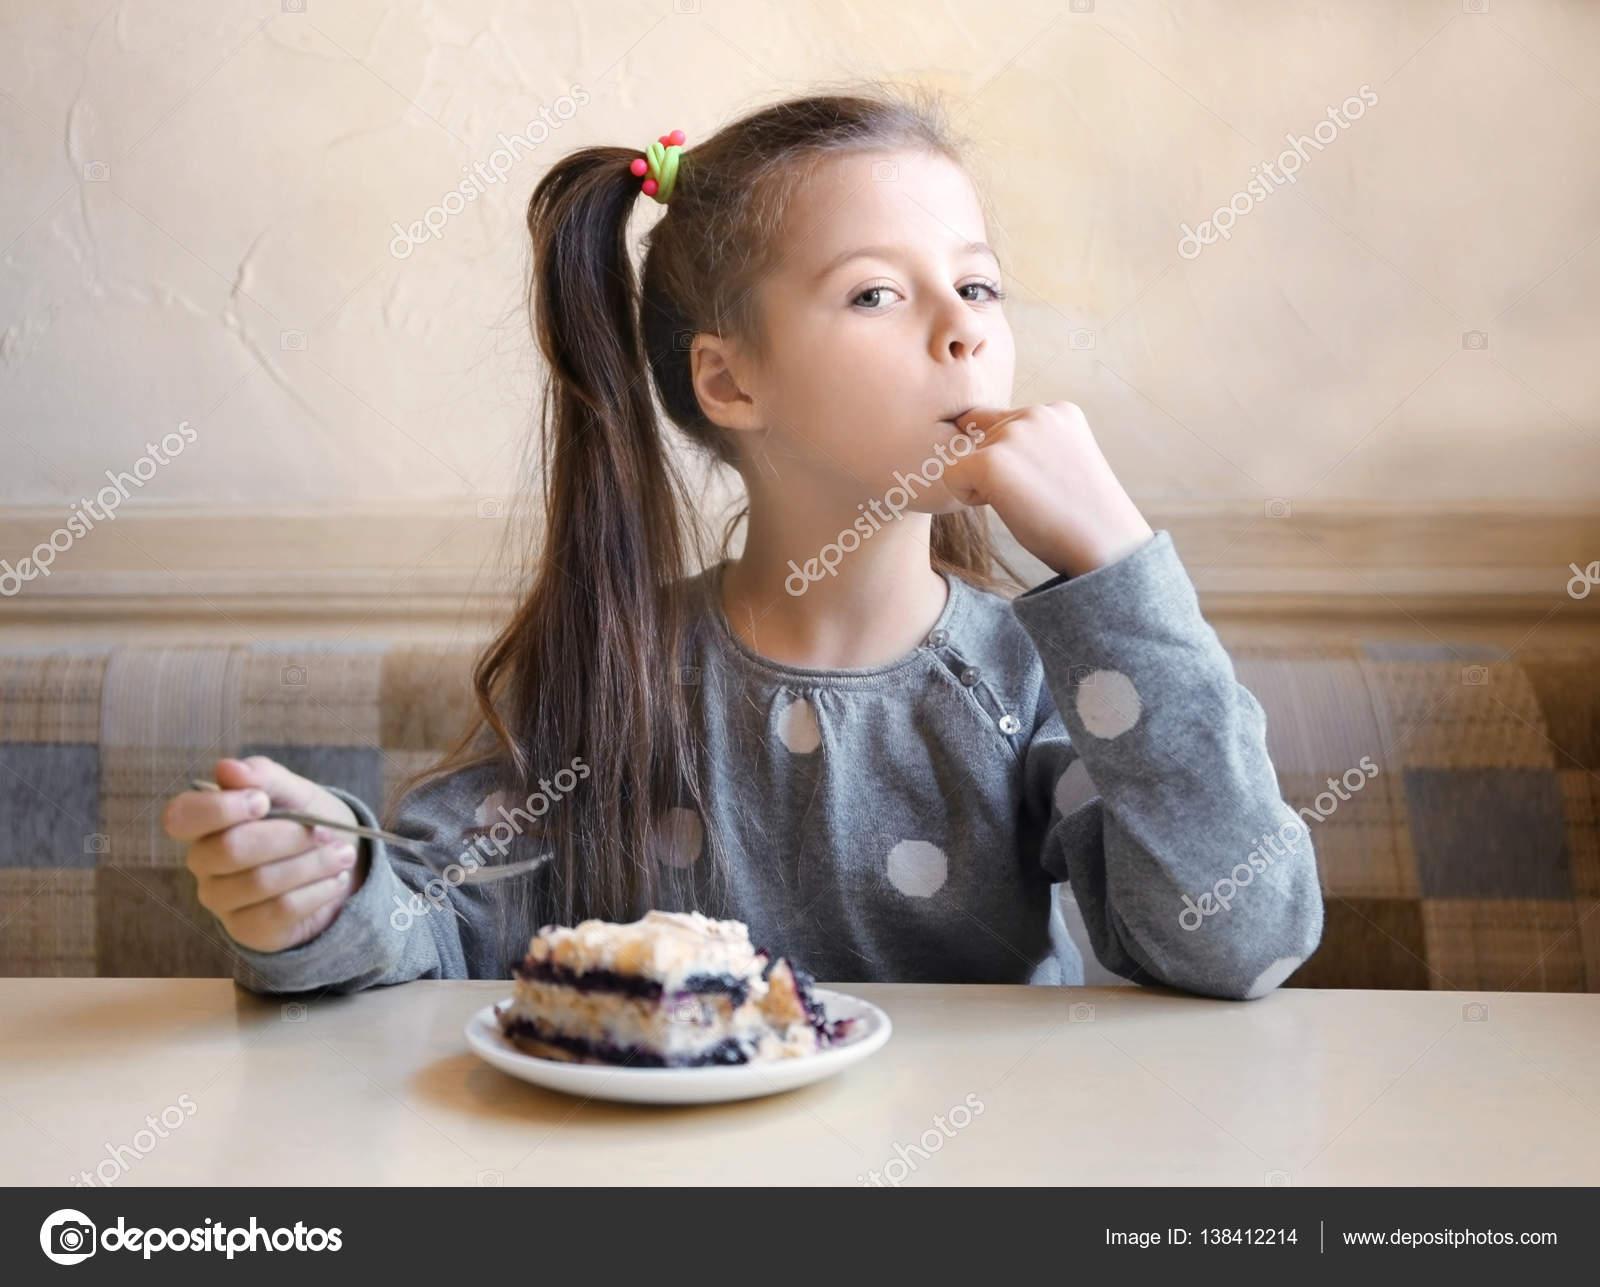 Niedliche Kleine Madchen Essen Kuchen Stockfoto C Belchonock